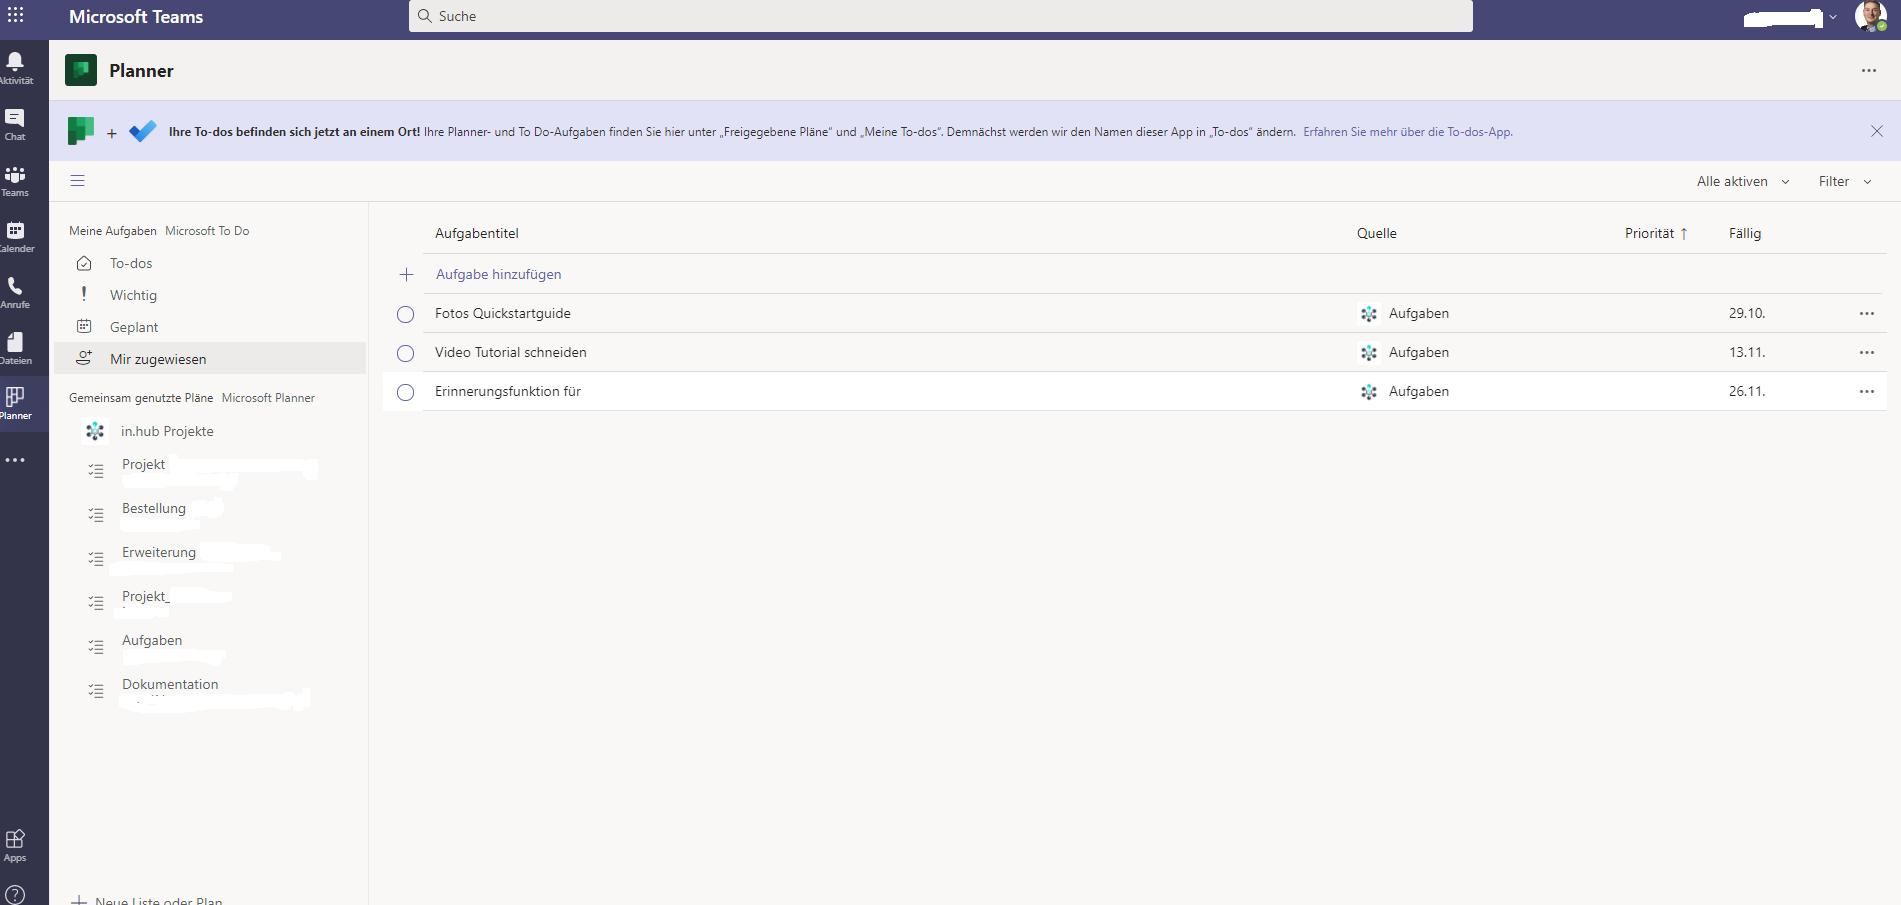 """Planner in Teams zeigt in der Desktop-App unter """"Mir zugewiesene"""" keine Aufgaben mehr an e51a0fb3-1b34-4208-90bf-9869a3a13c3a?upload=true.png"""